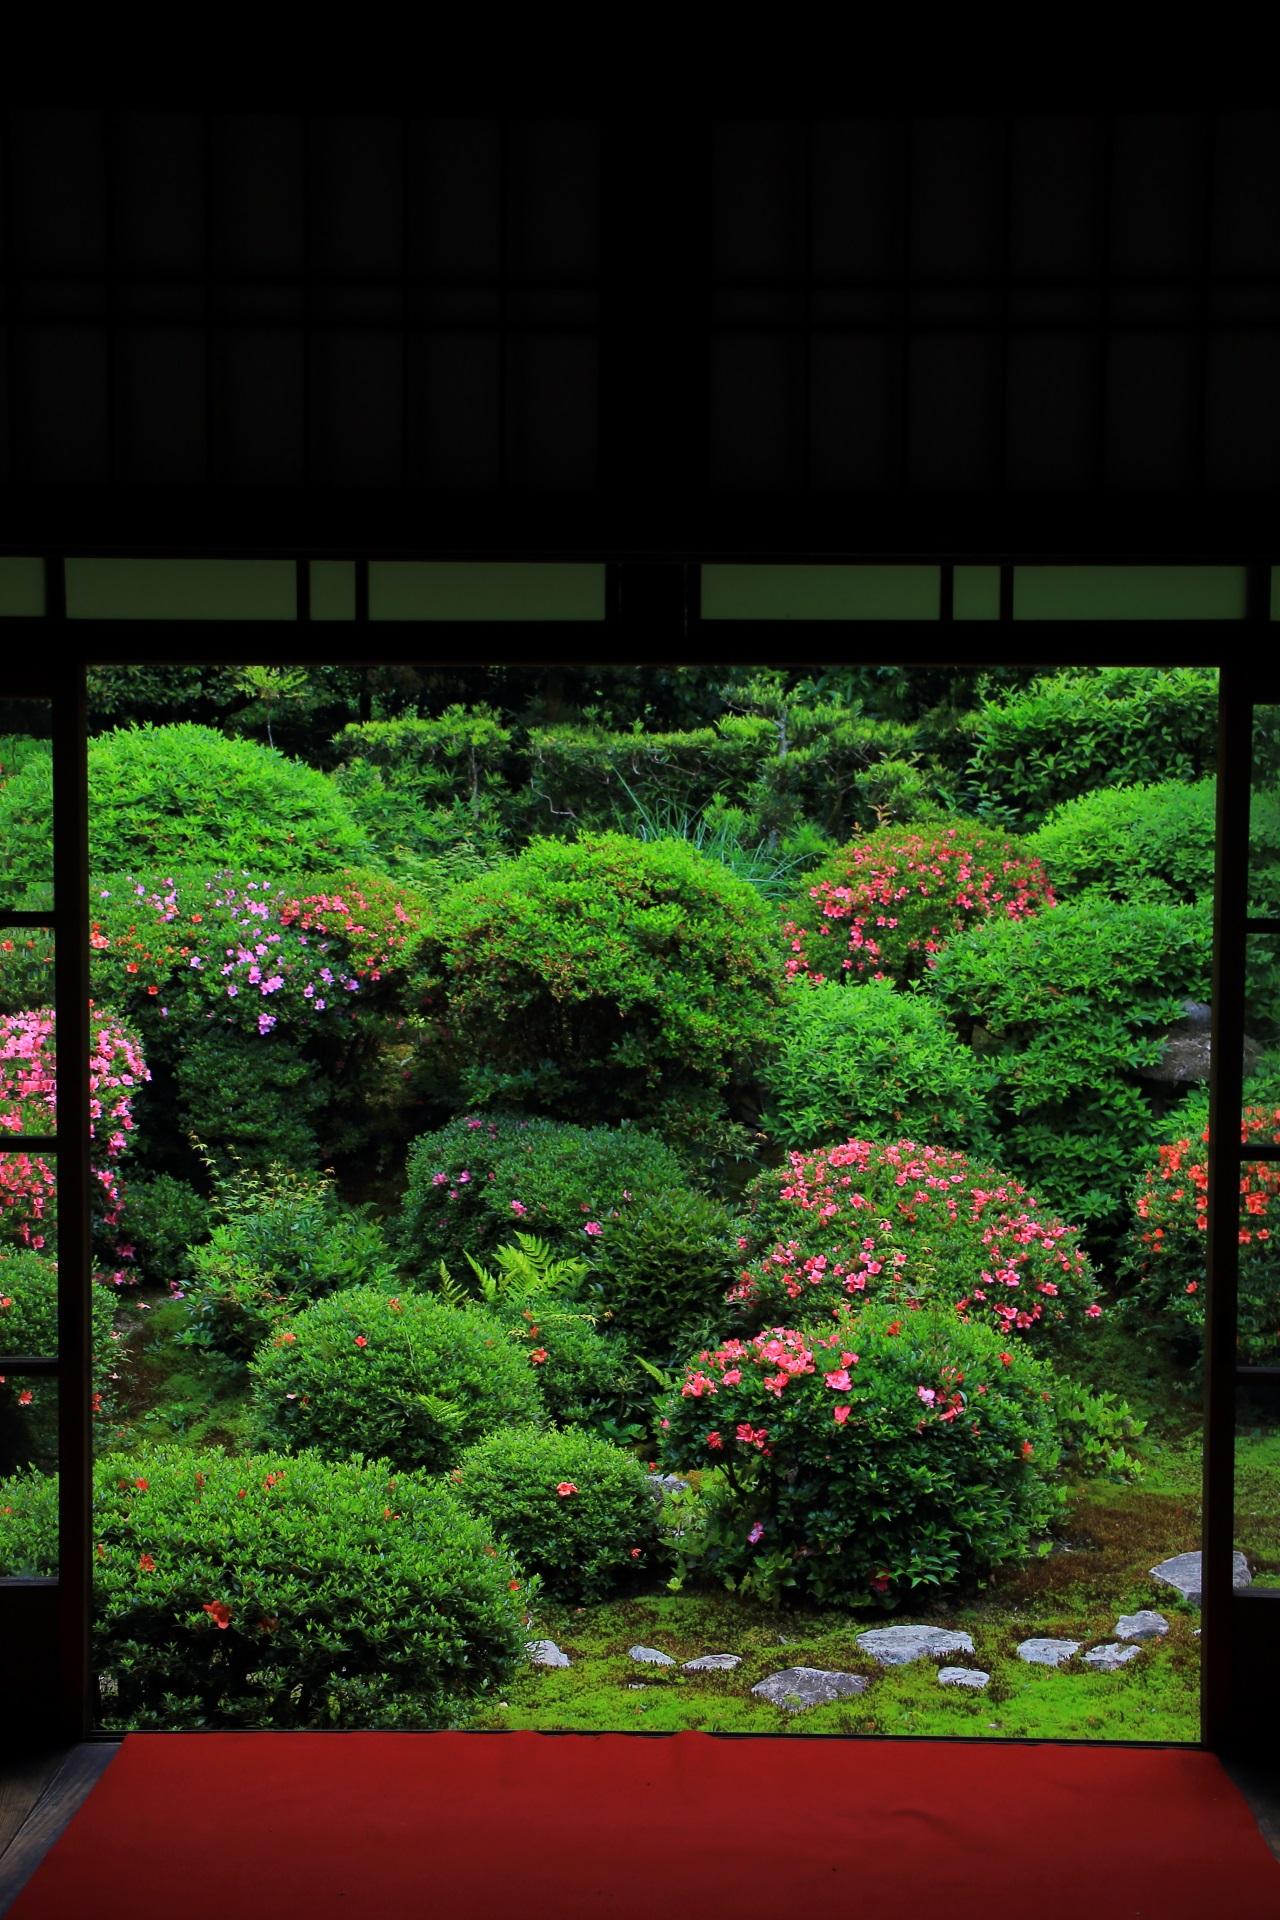 安楽寺の素晴らしいサツキと緑と春の情景